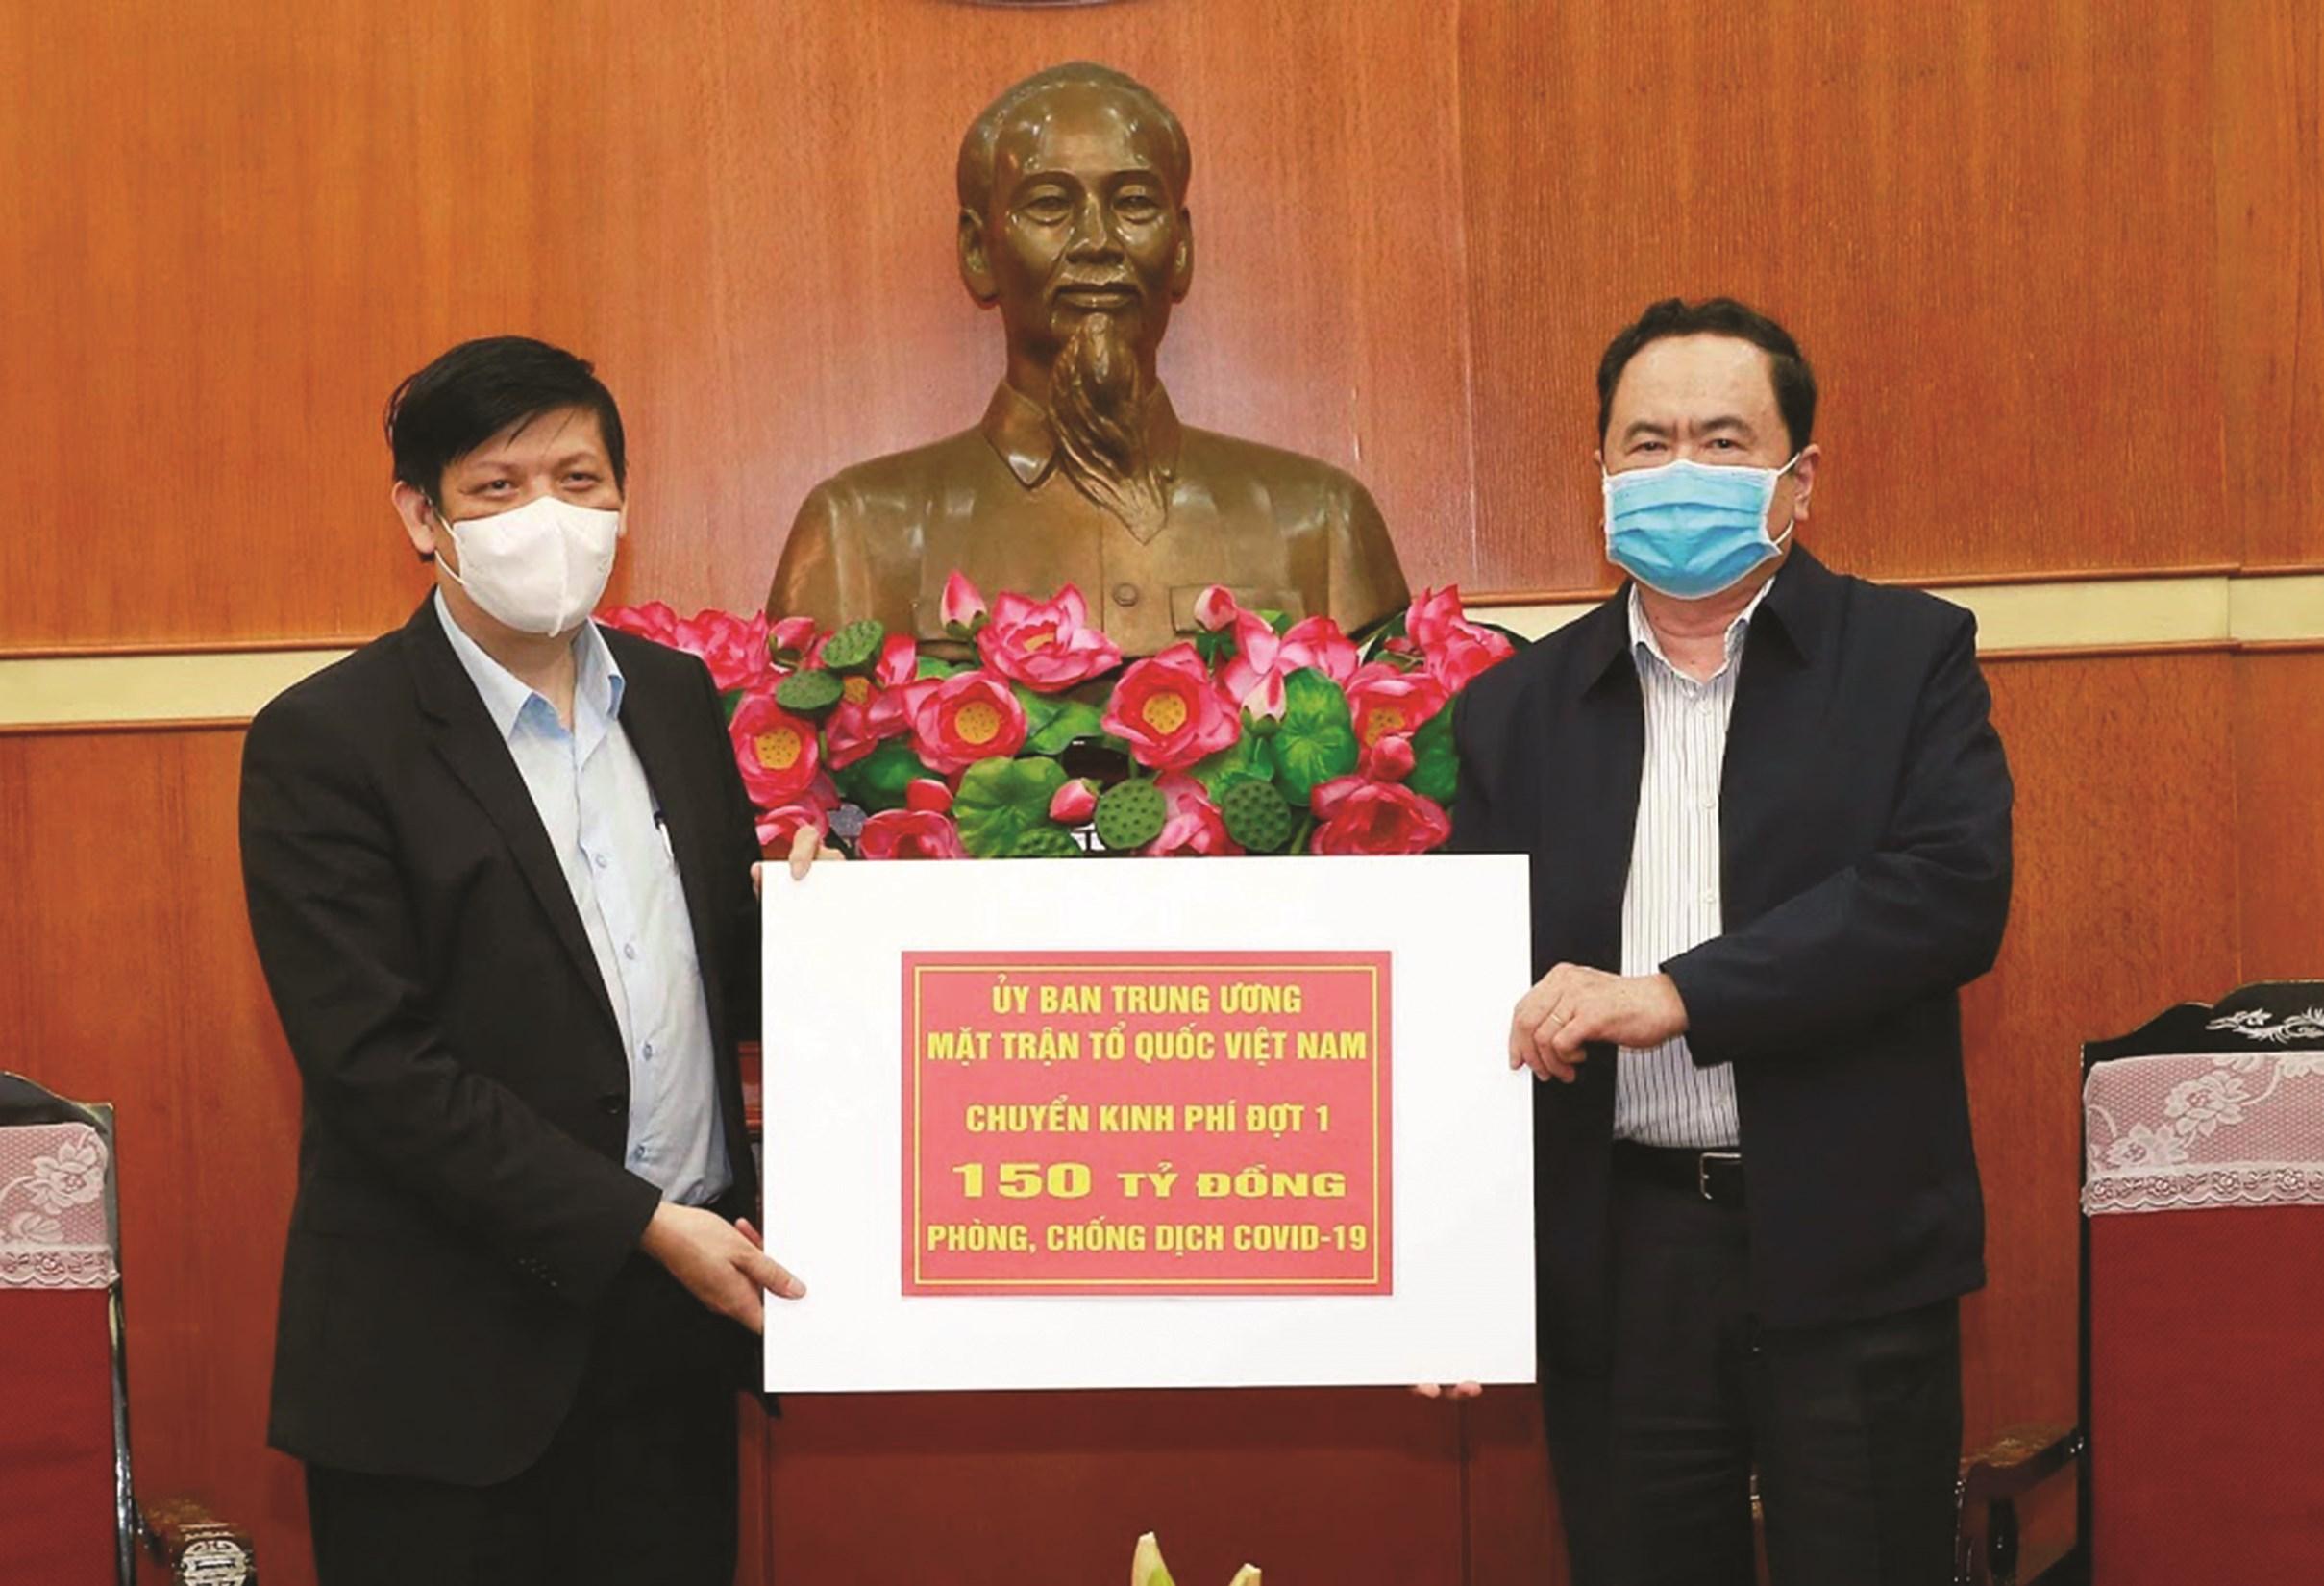 Chủ tịch Ủy ban Trung ương MTTQ Việt Nam Trần Thanh Mẫn (bên phải) trao số tiền phân bổ đợt 1 cho Bộ Y tế để phòng chống dịch